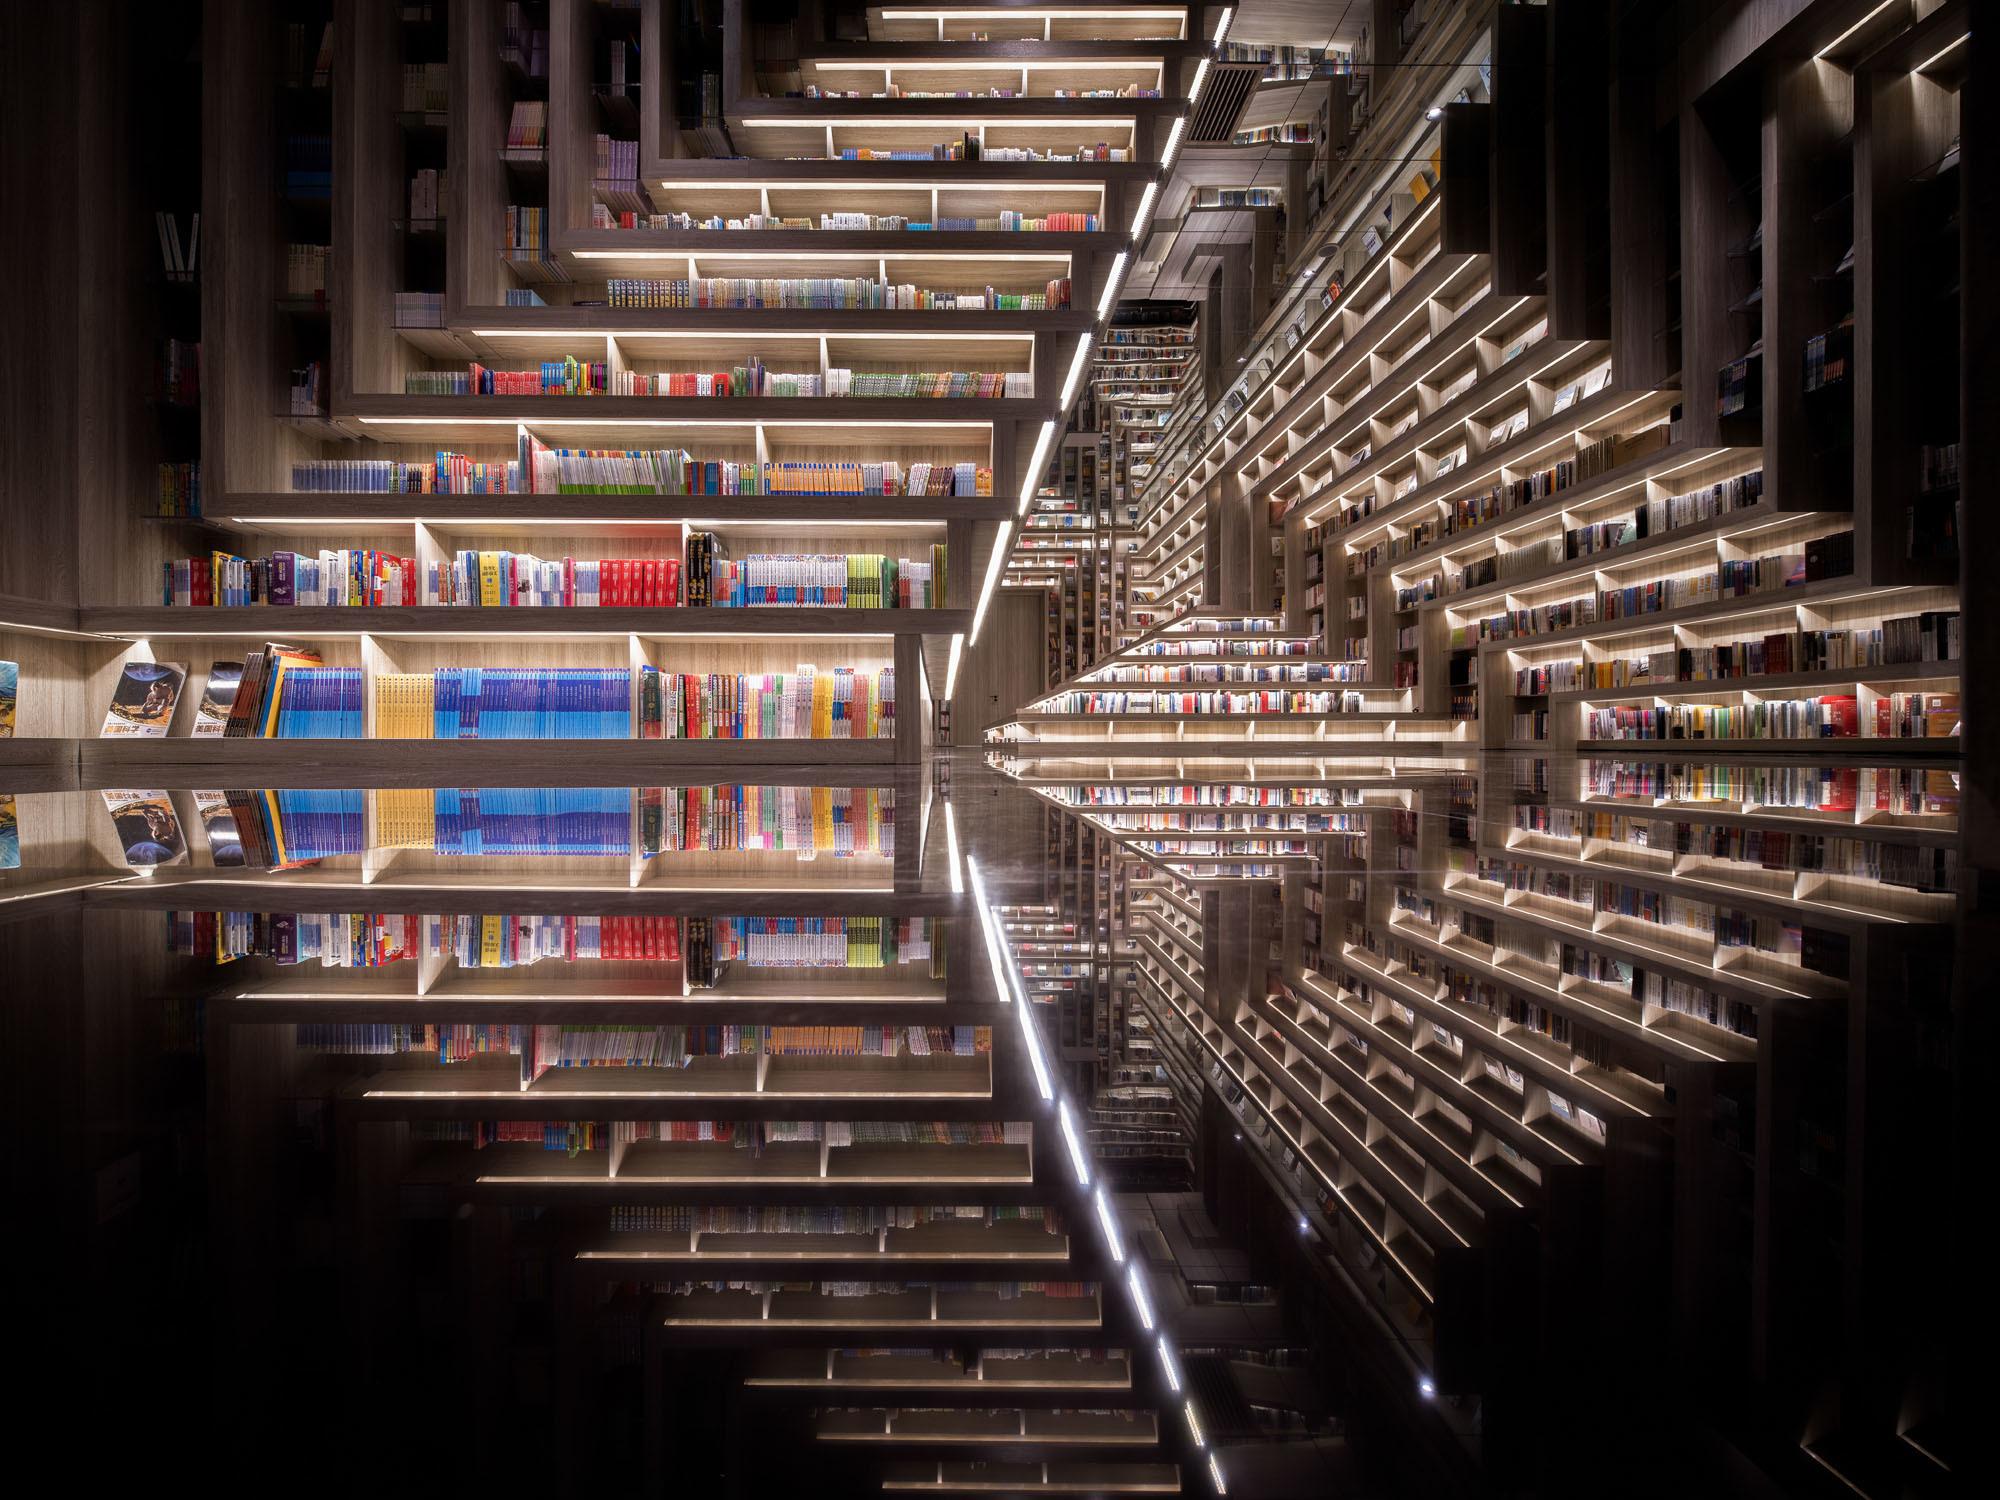 Imchinesischen Taiyuan ist die Betreiberkette FAB Cinema mit dem Buchhändler Zhongshuge eine Liaison eingegangen.